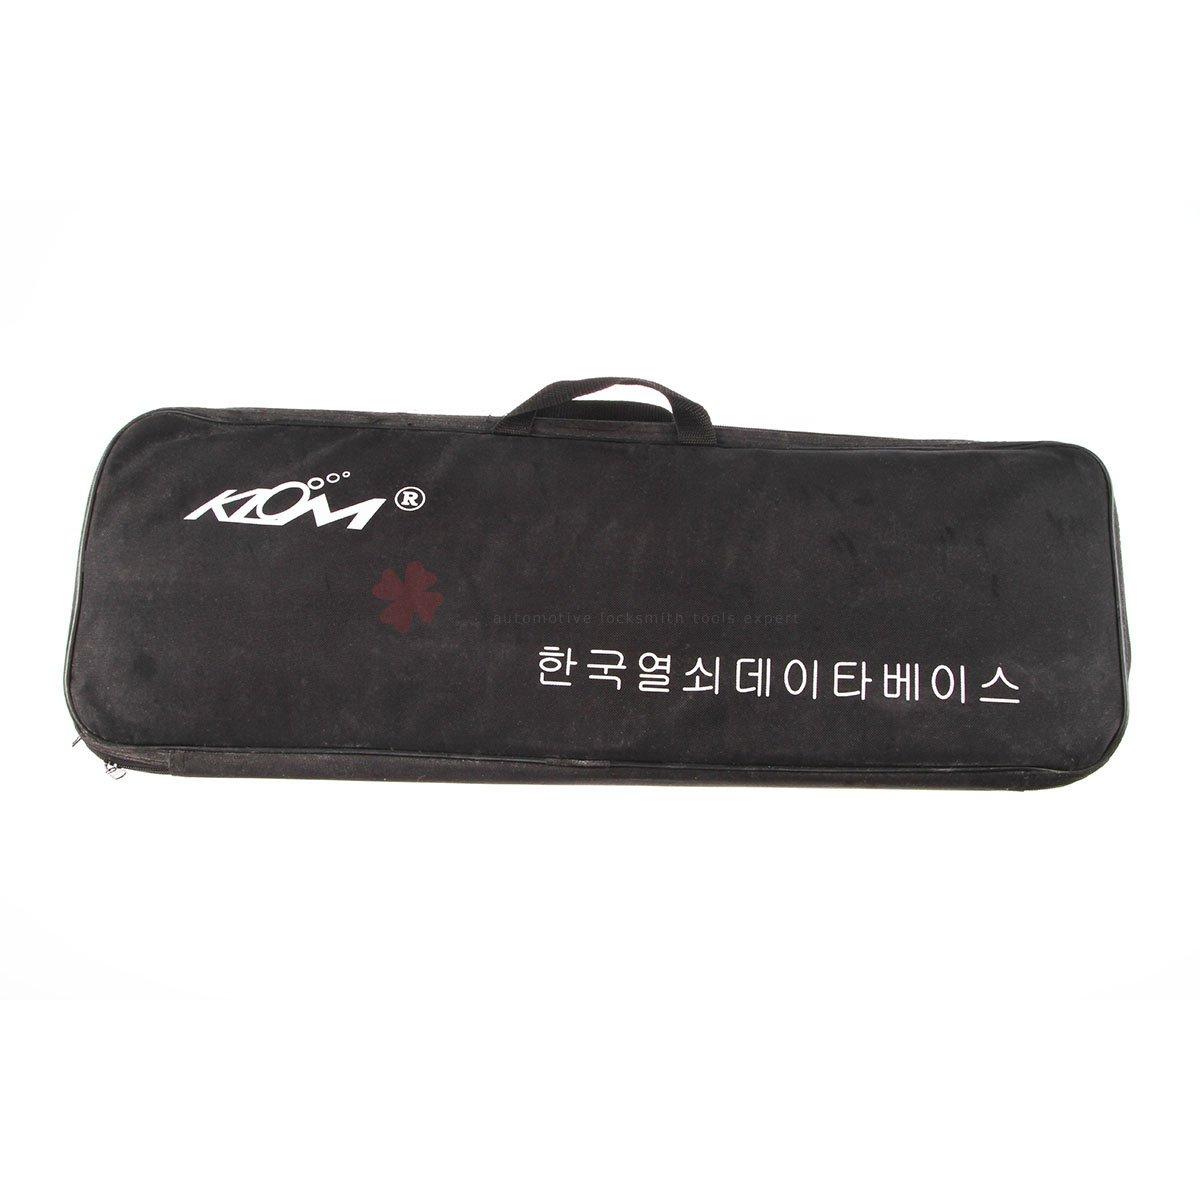 KLOM Automobile Lockout Kit (12 piece) – GOSO Lock Picks